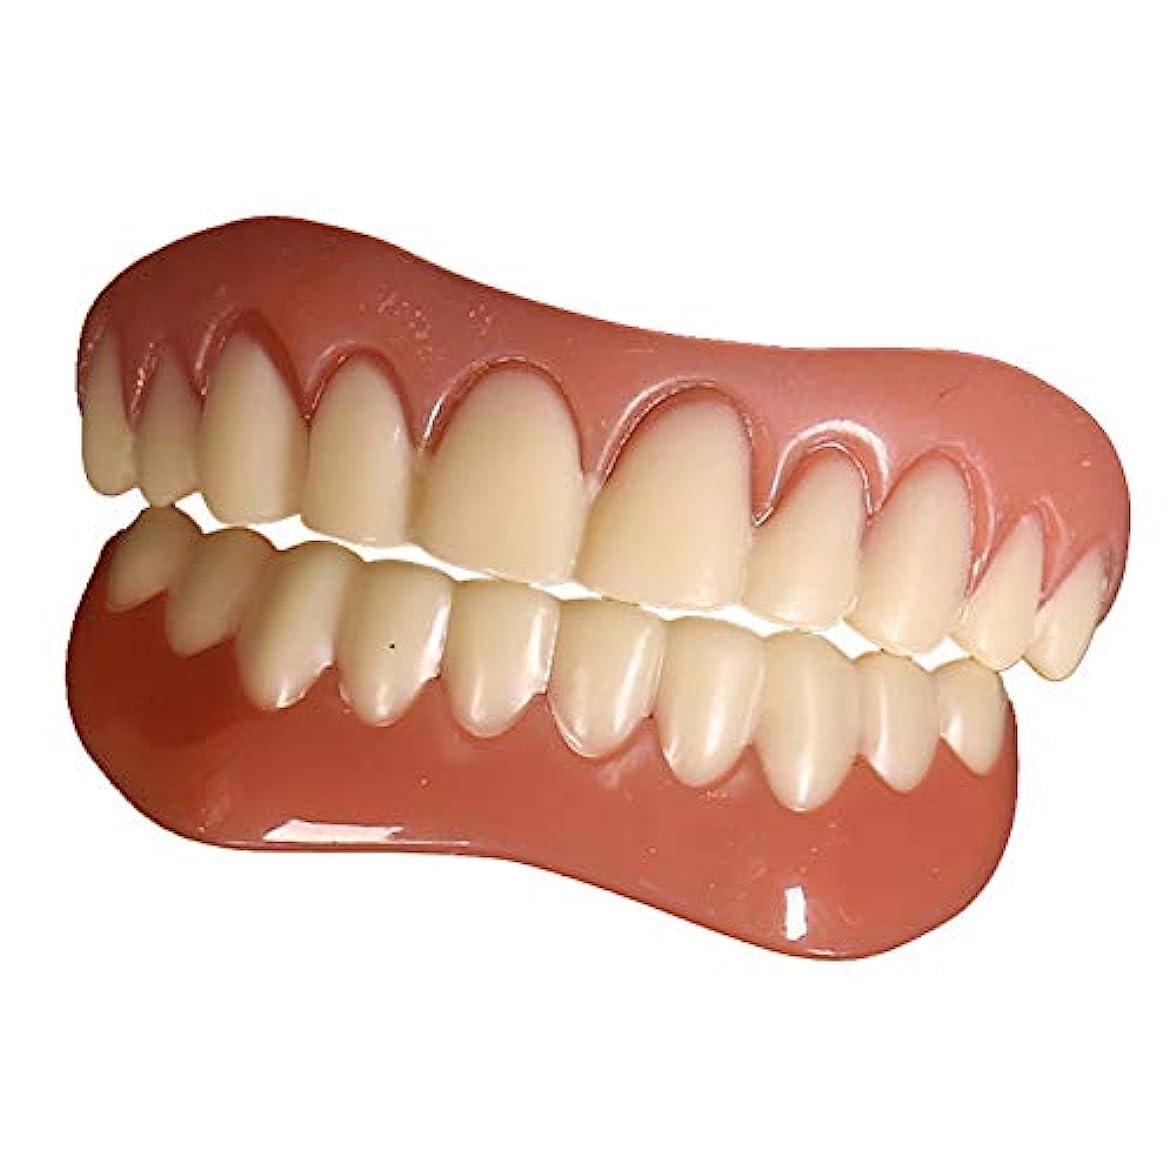 忘れられない追記倫理的シリコーン歯突き板ホワイトニングパーフェクトスマイルコンフォートフィットフレックス歯トップトゥース化粧品突き板ワンサイズフィットすべて - 2個